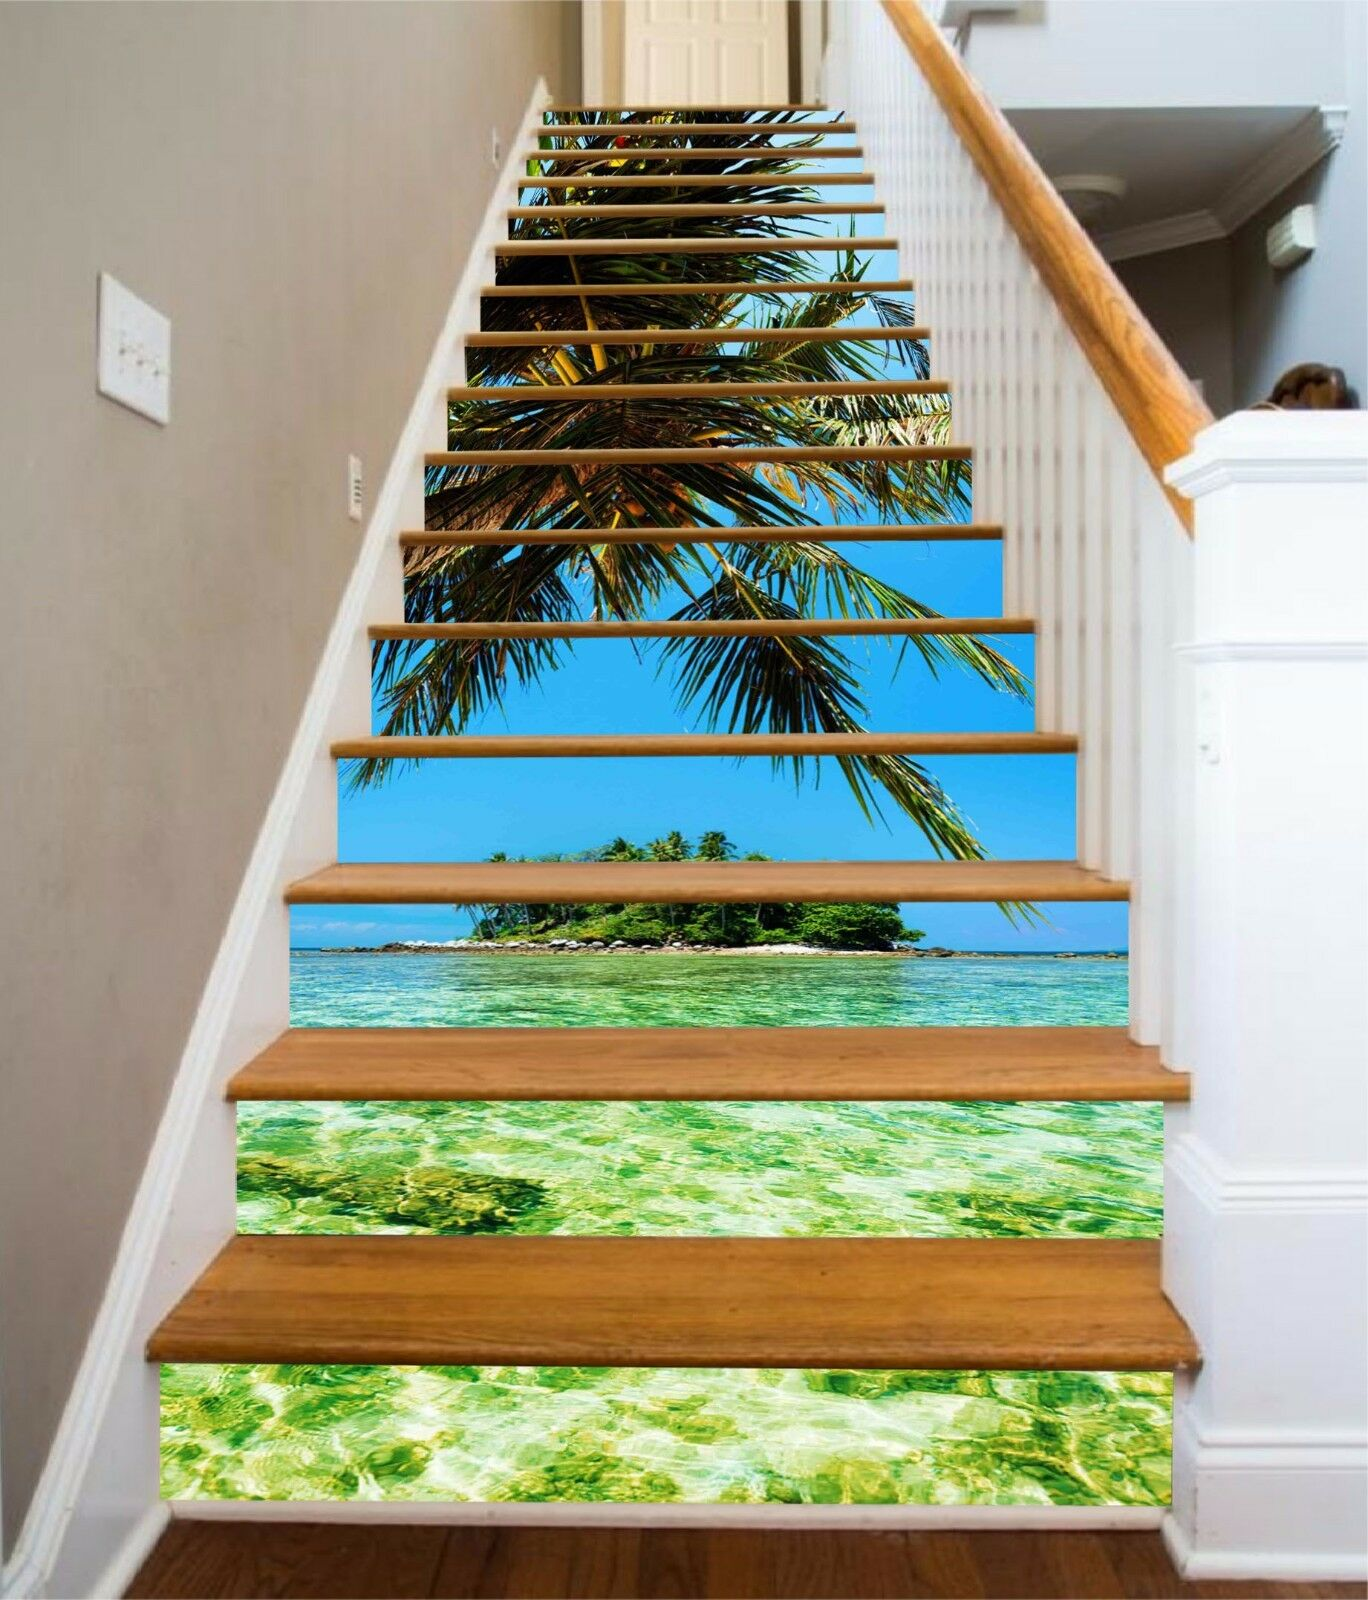 3D Sea Island 215 escaliers contremarches Décoration Photo Murale Autocollant Vinyle Papier Peint US